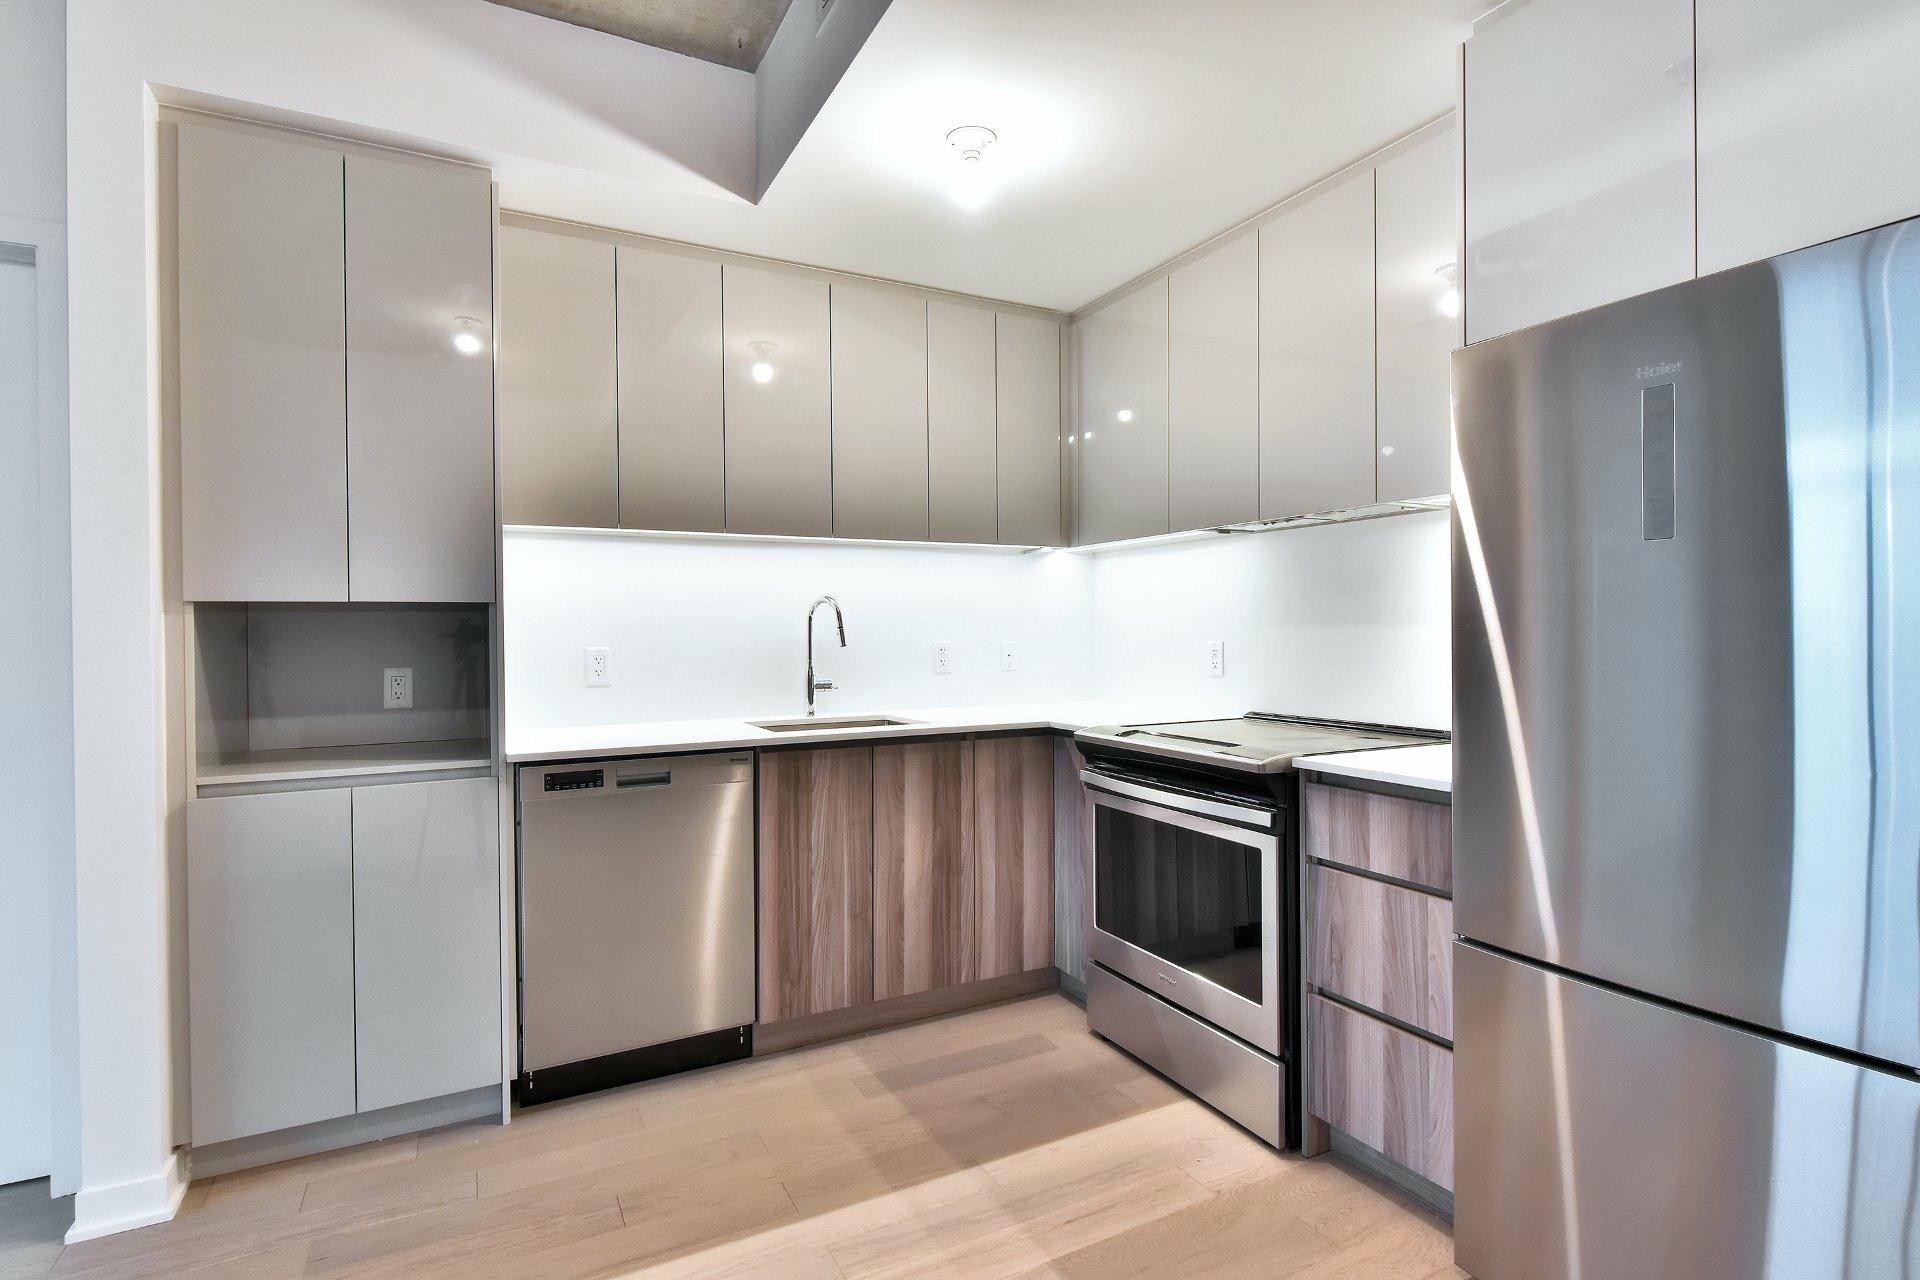 image 3 - Appartement À louer Brossard - 4 pièces